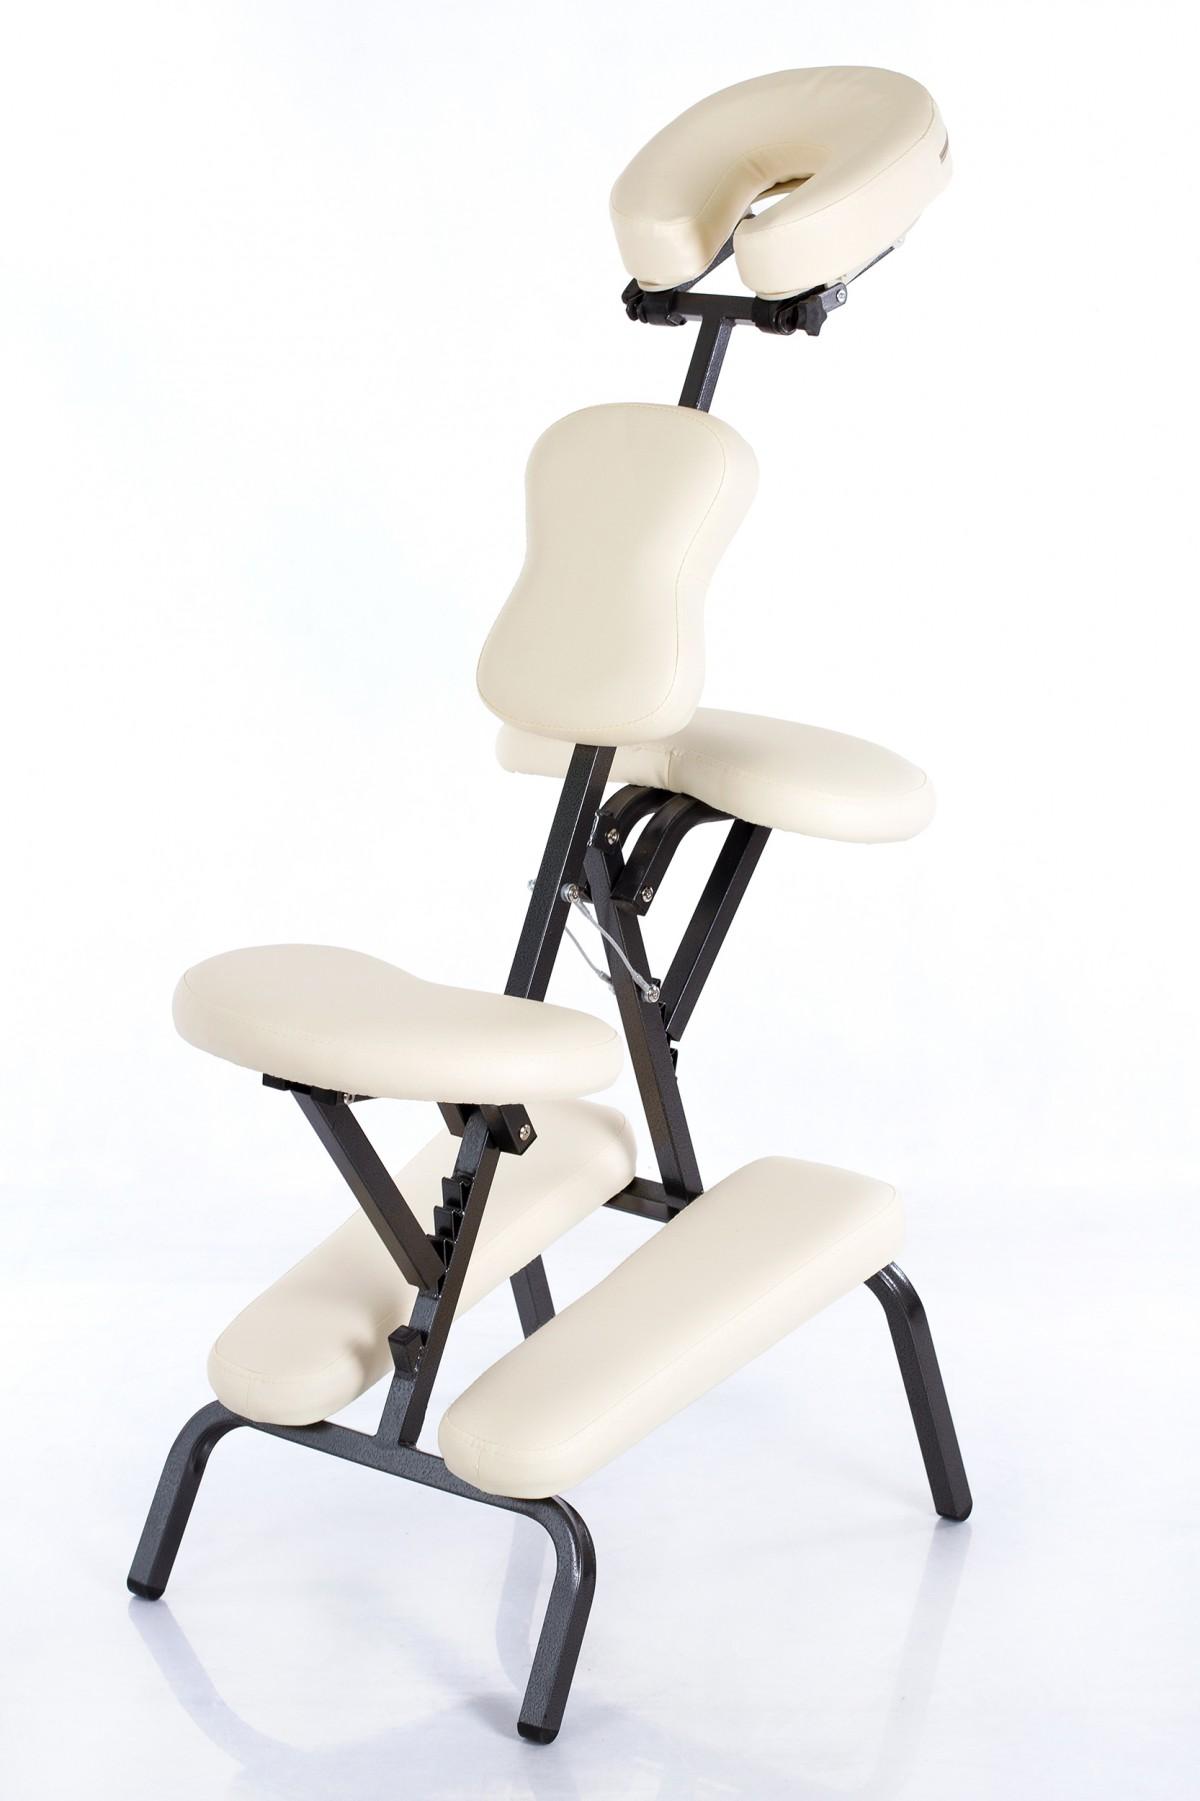 Удобно ли делать массаж тела на косметологическом кресле Фотоэпиляция Улица Ватутина Чебоксары